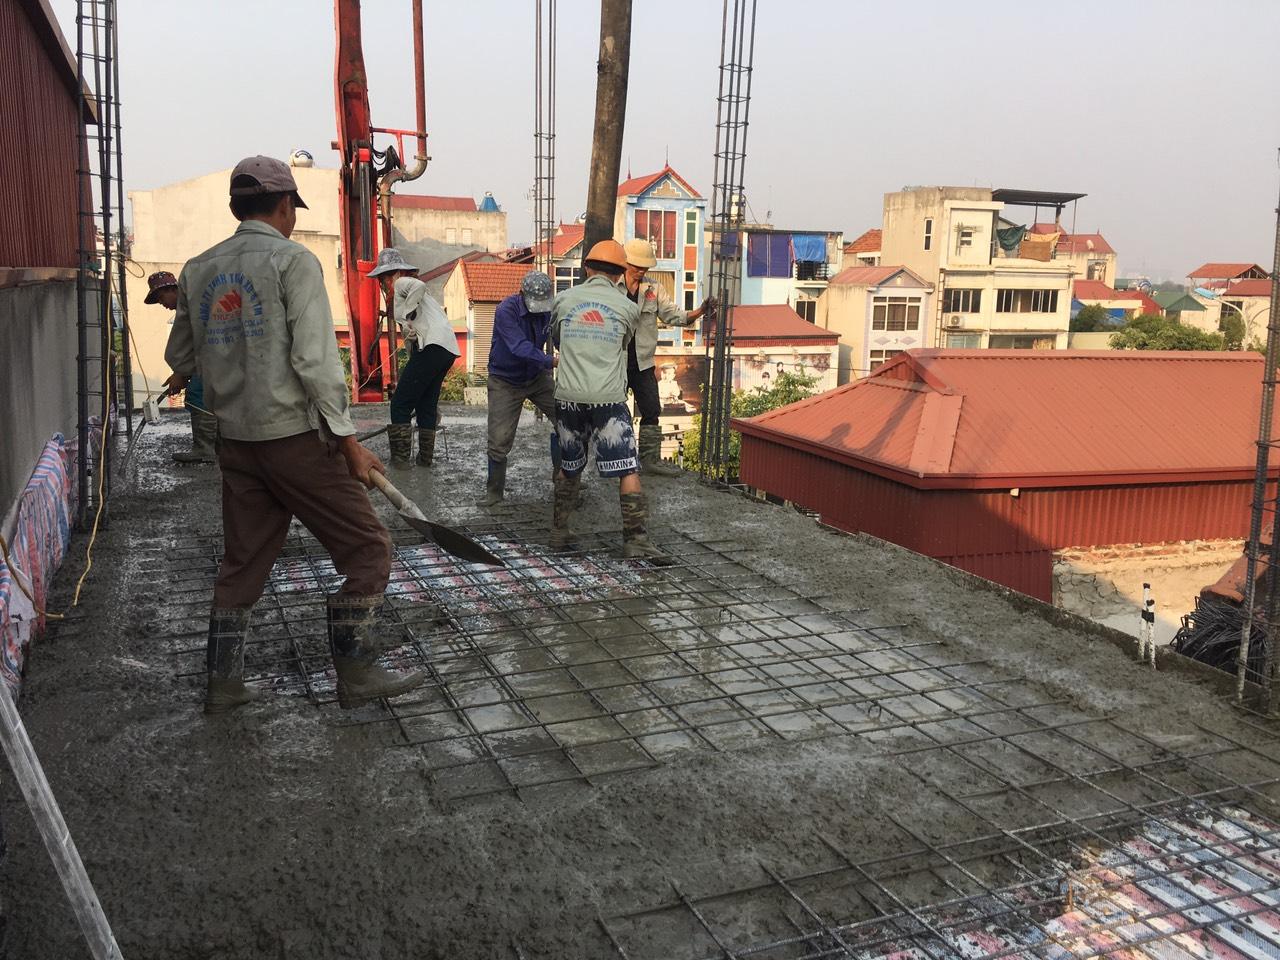 Báo giá xây nhà trọn gói năm 2020 tại quận Hà Đông, Hà Nội-3